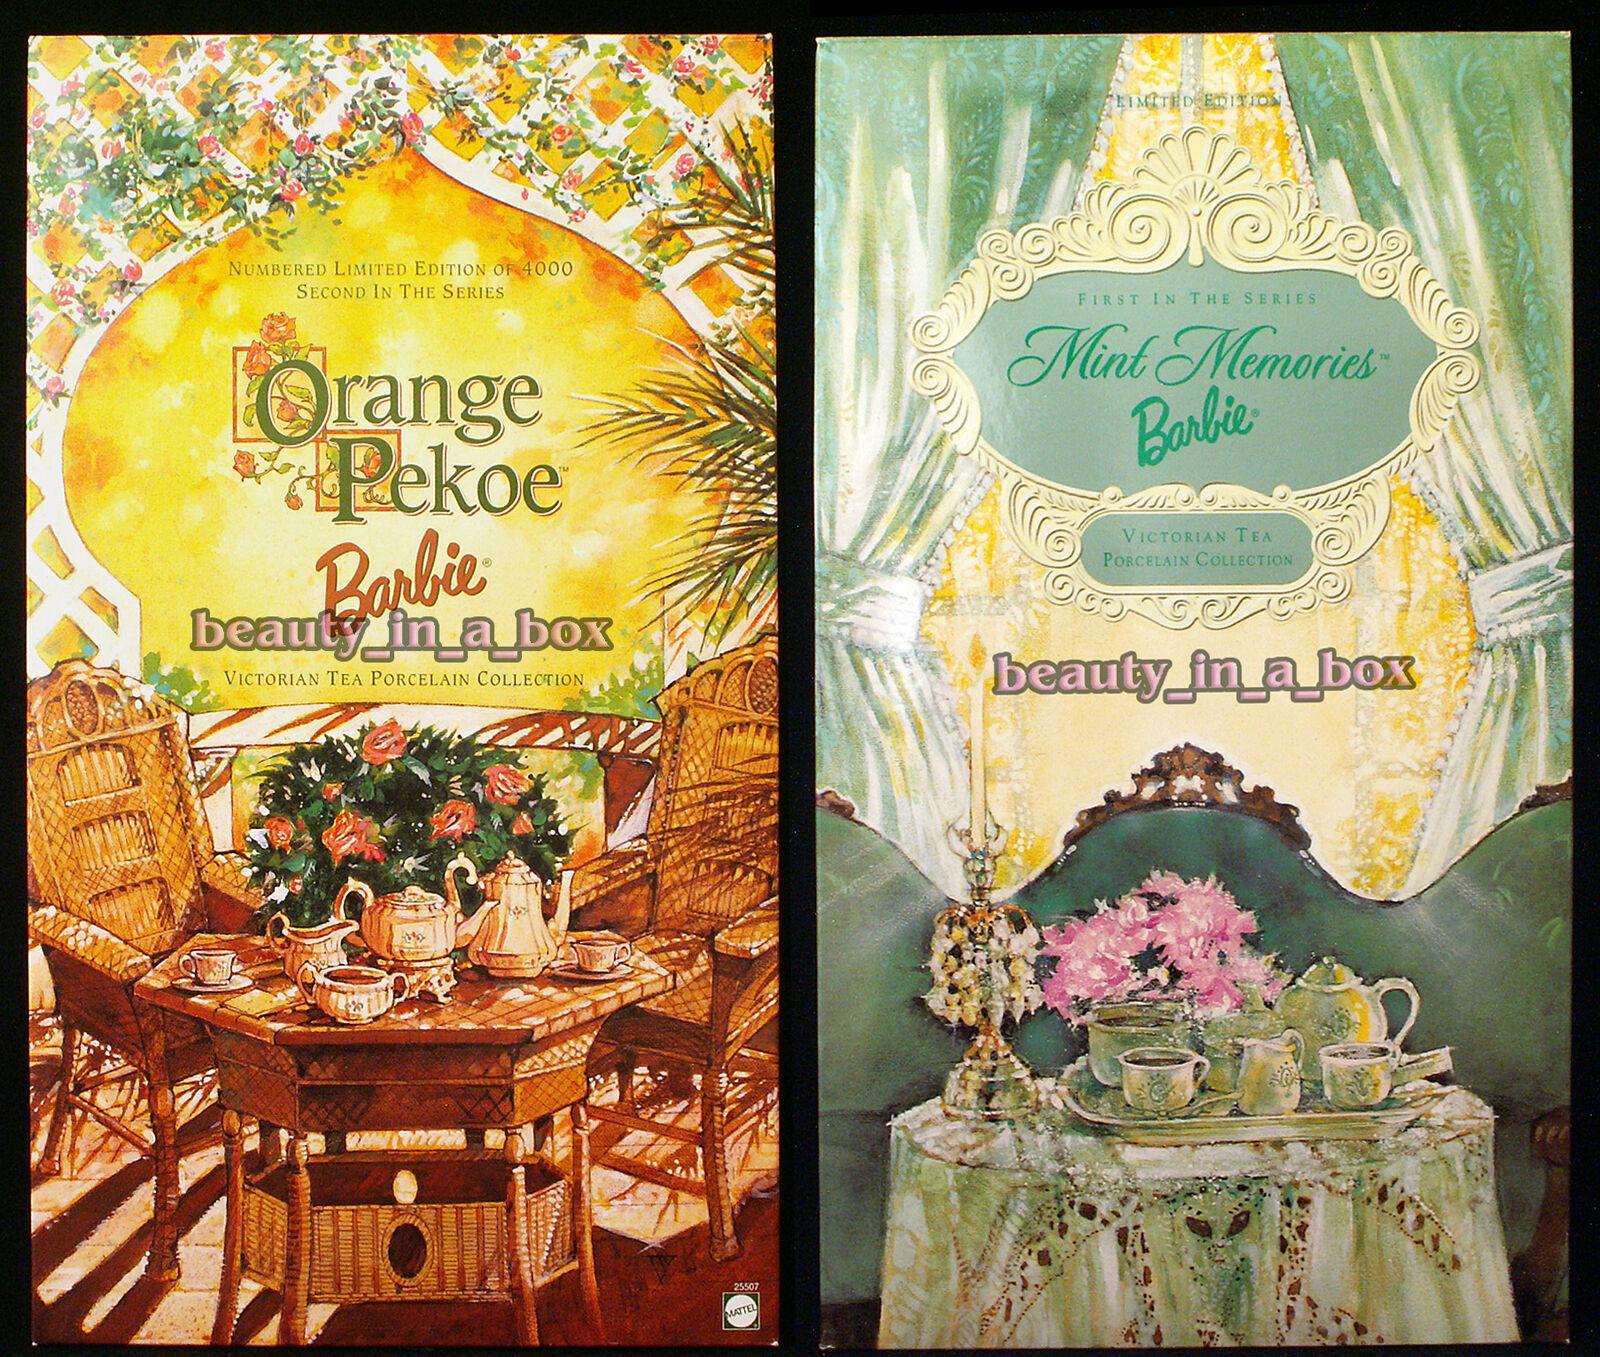 naranja Pekoe menta muñeca Barbie recuerdos Victoriano Porcelana De Té Certificado de Autenticidad Lote 2 nunca quitado de la Caja